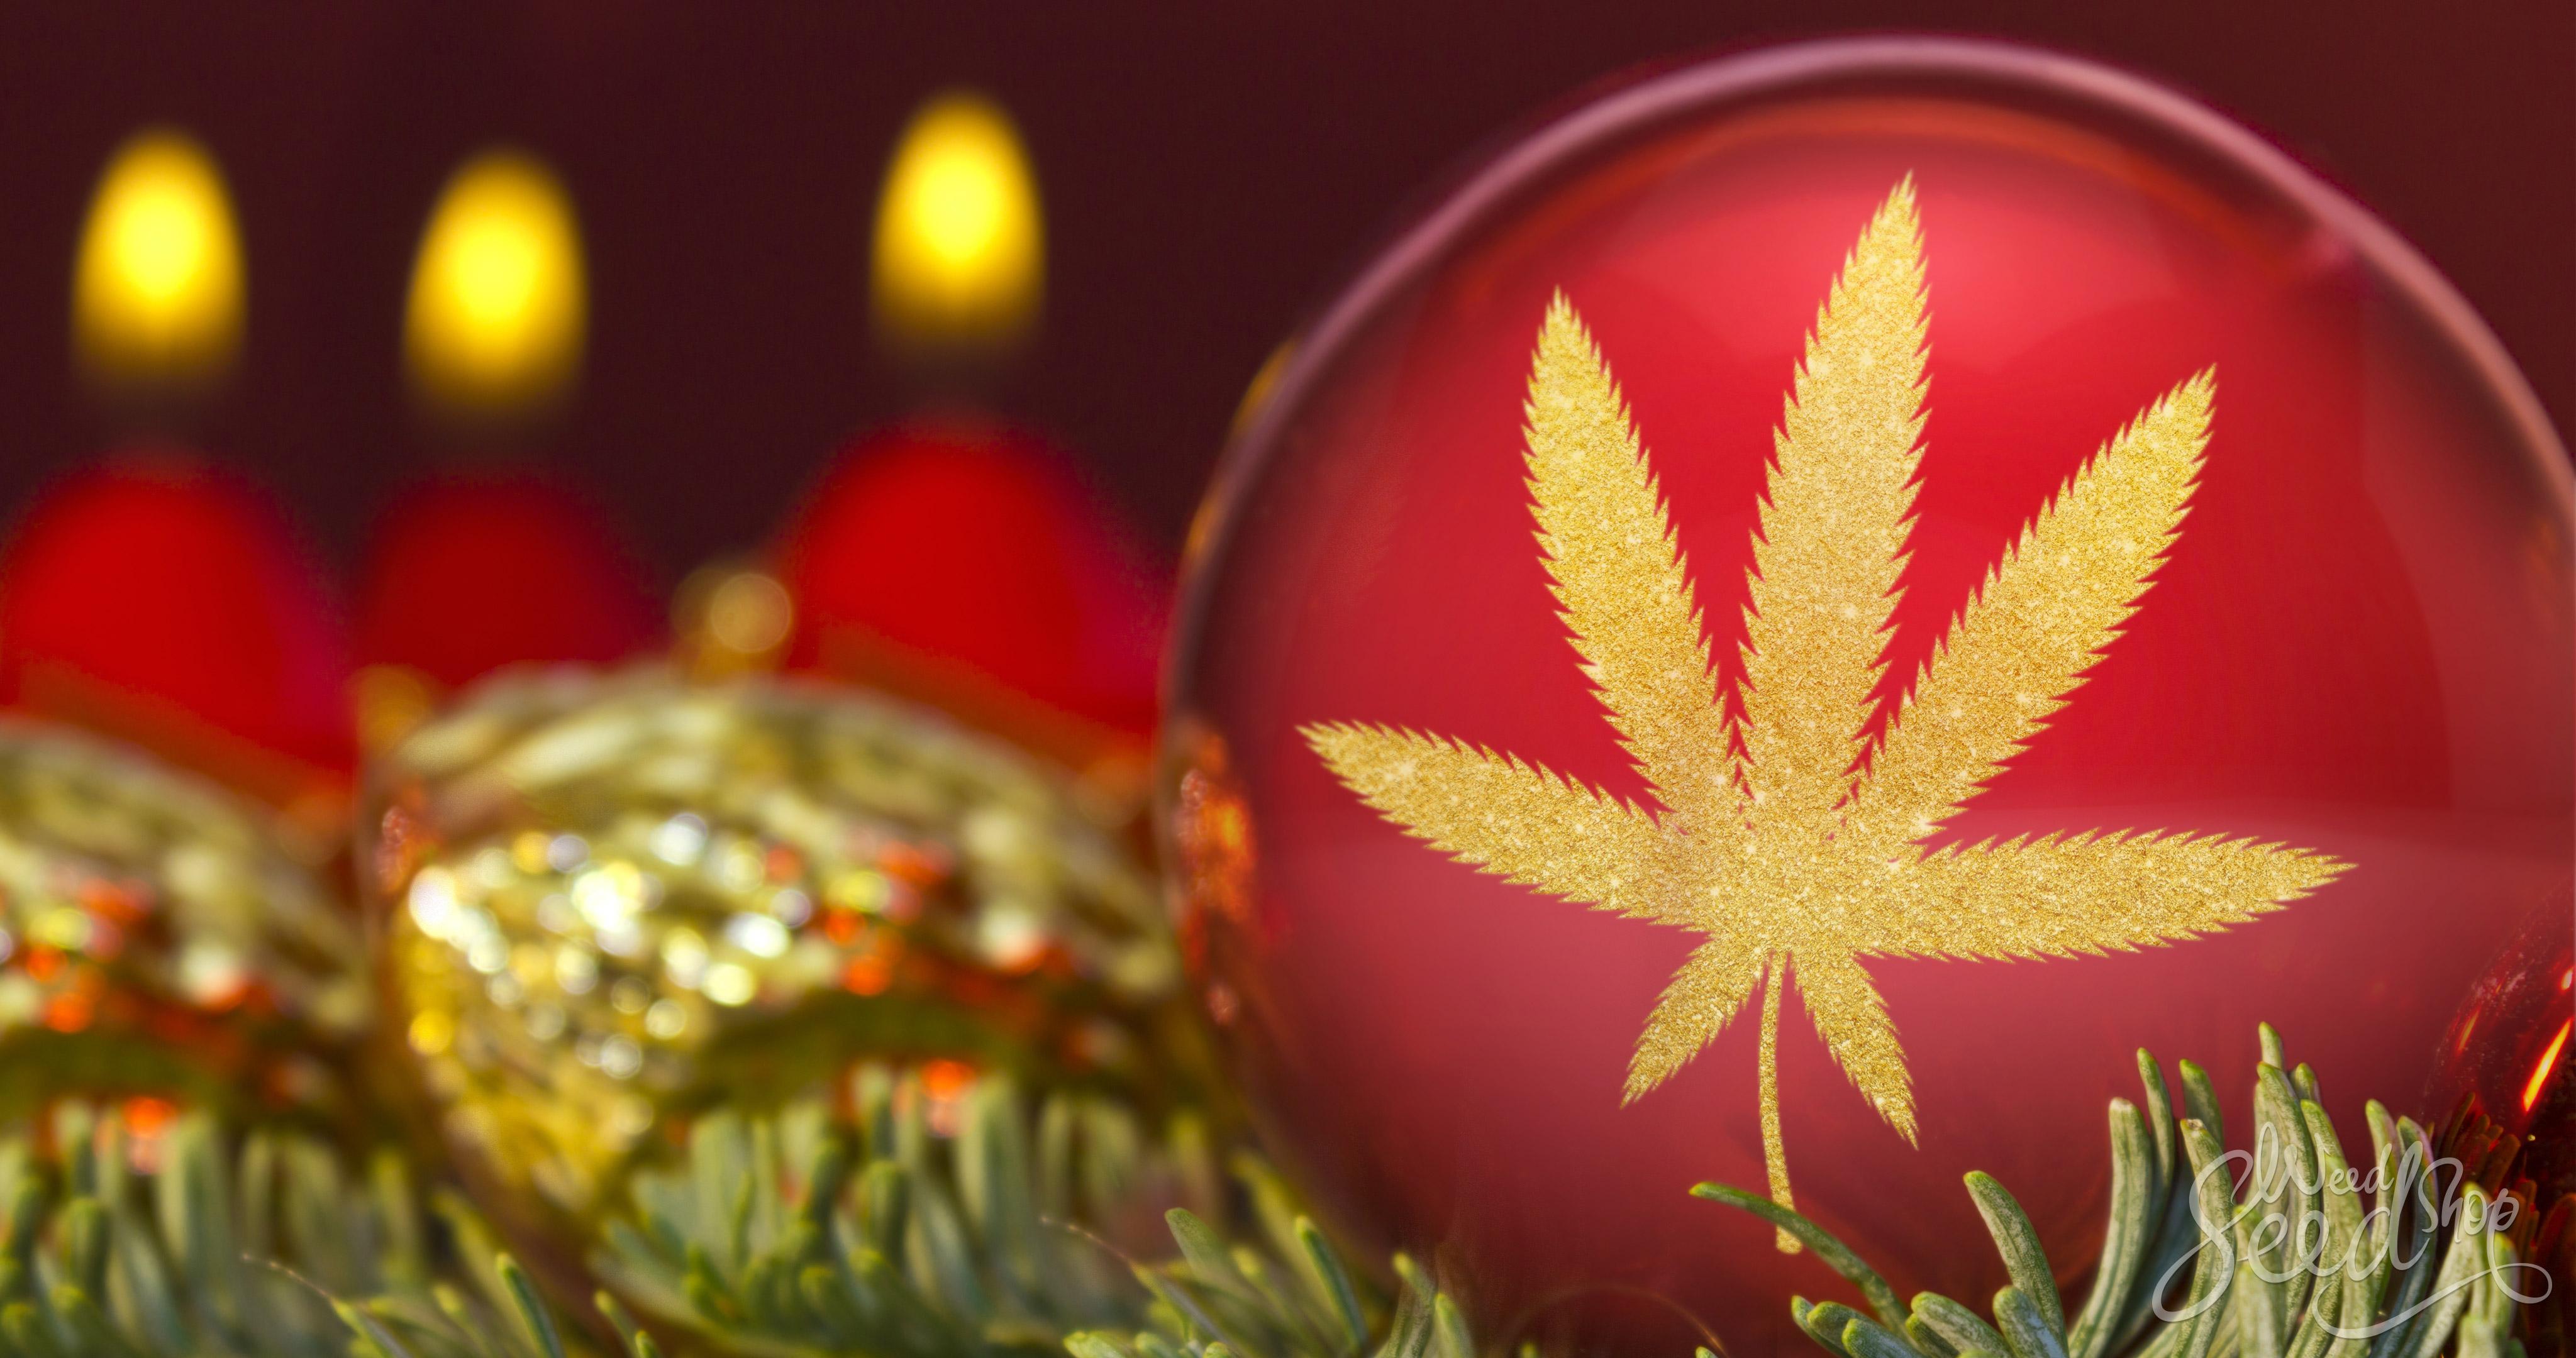 Sobrevive tu temporada navideña con Mary-Jane – WeedSeedShop